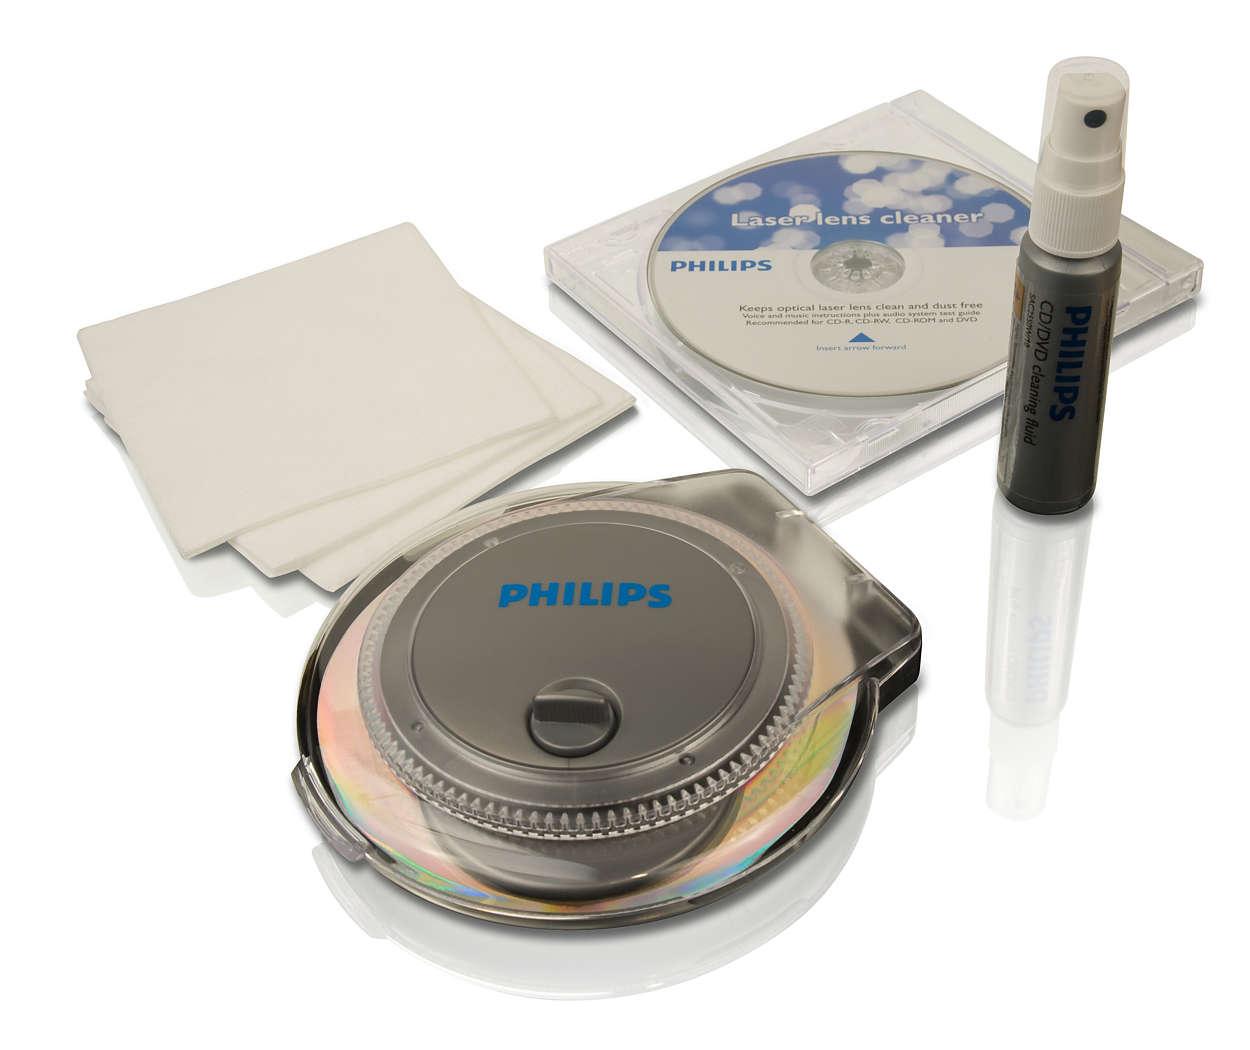 Todo lo necesario para limpiar CD/DVD